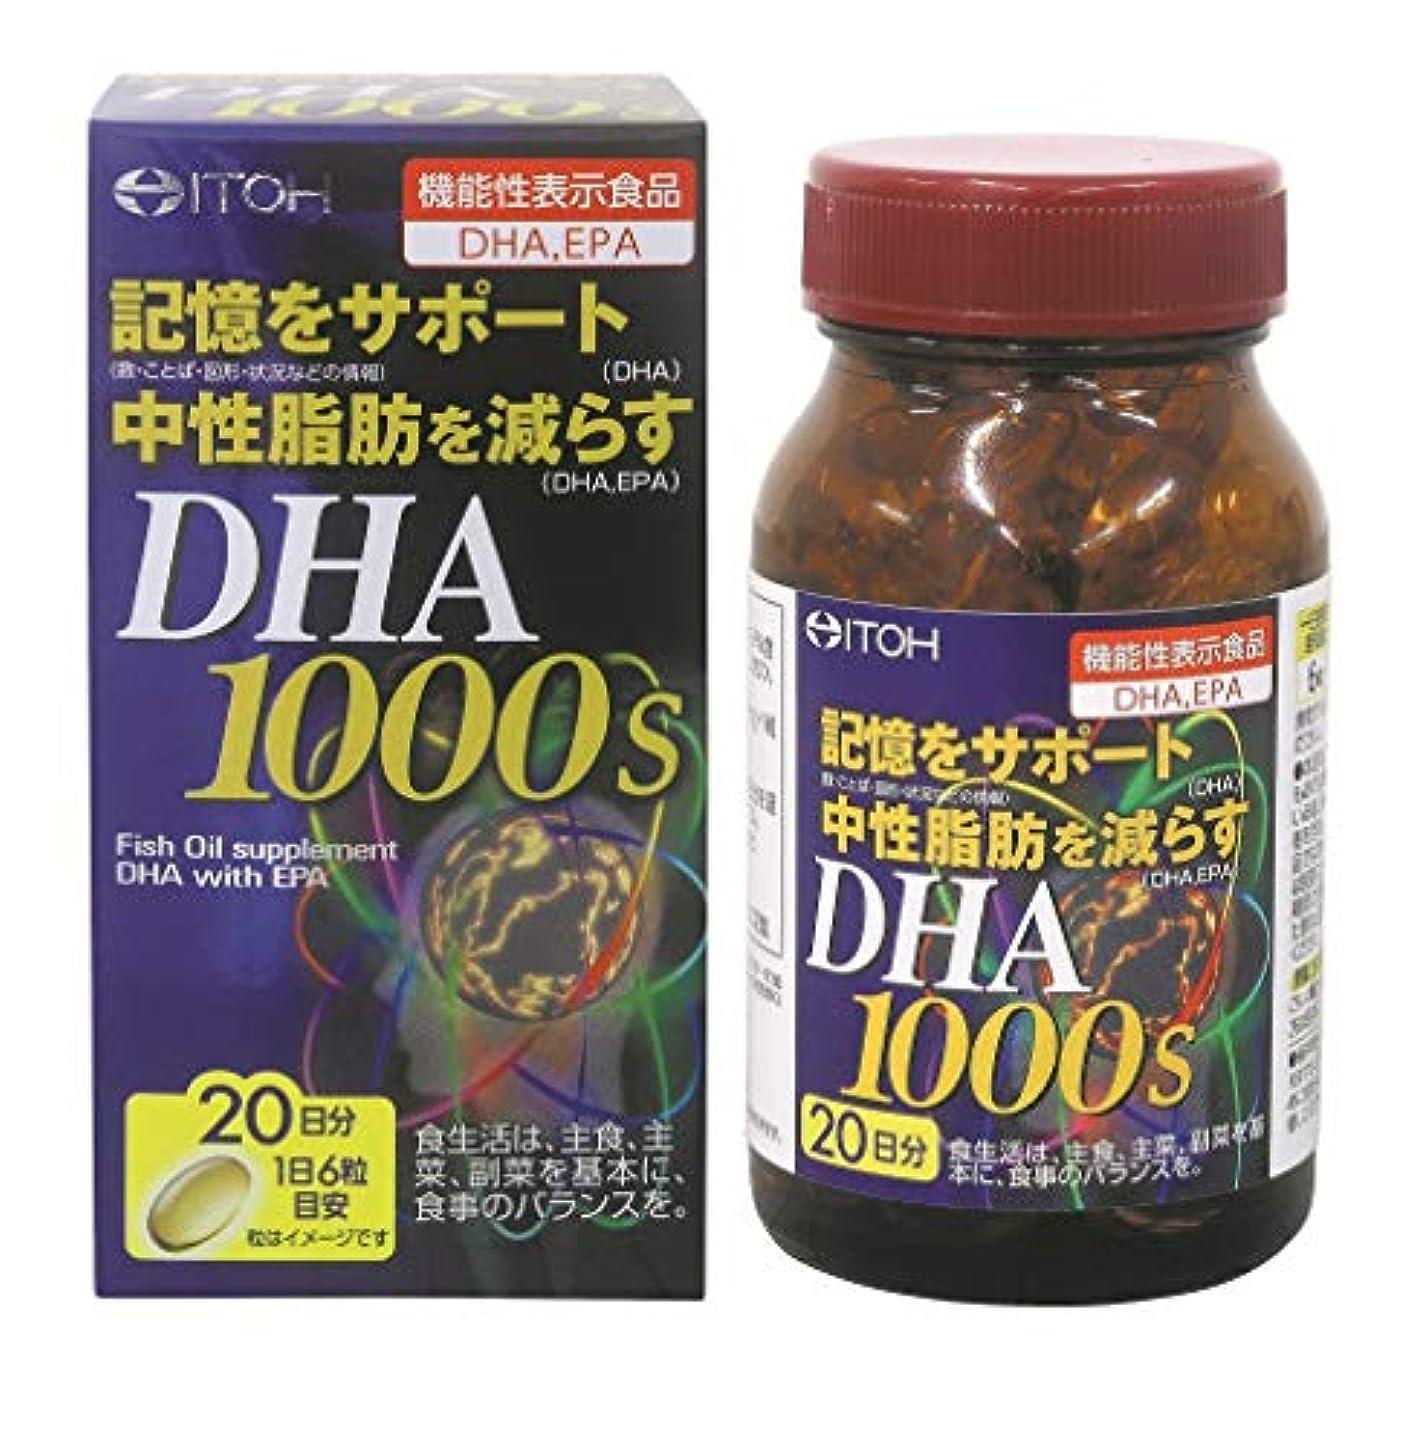 基礎おなかがすいたサポート井藤漢方製薬 DHA1000 (ディーエイチエー) 約20日分 120粒